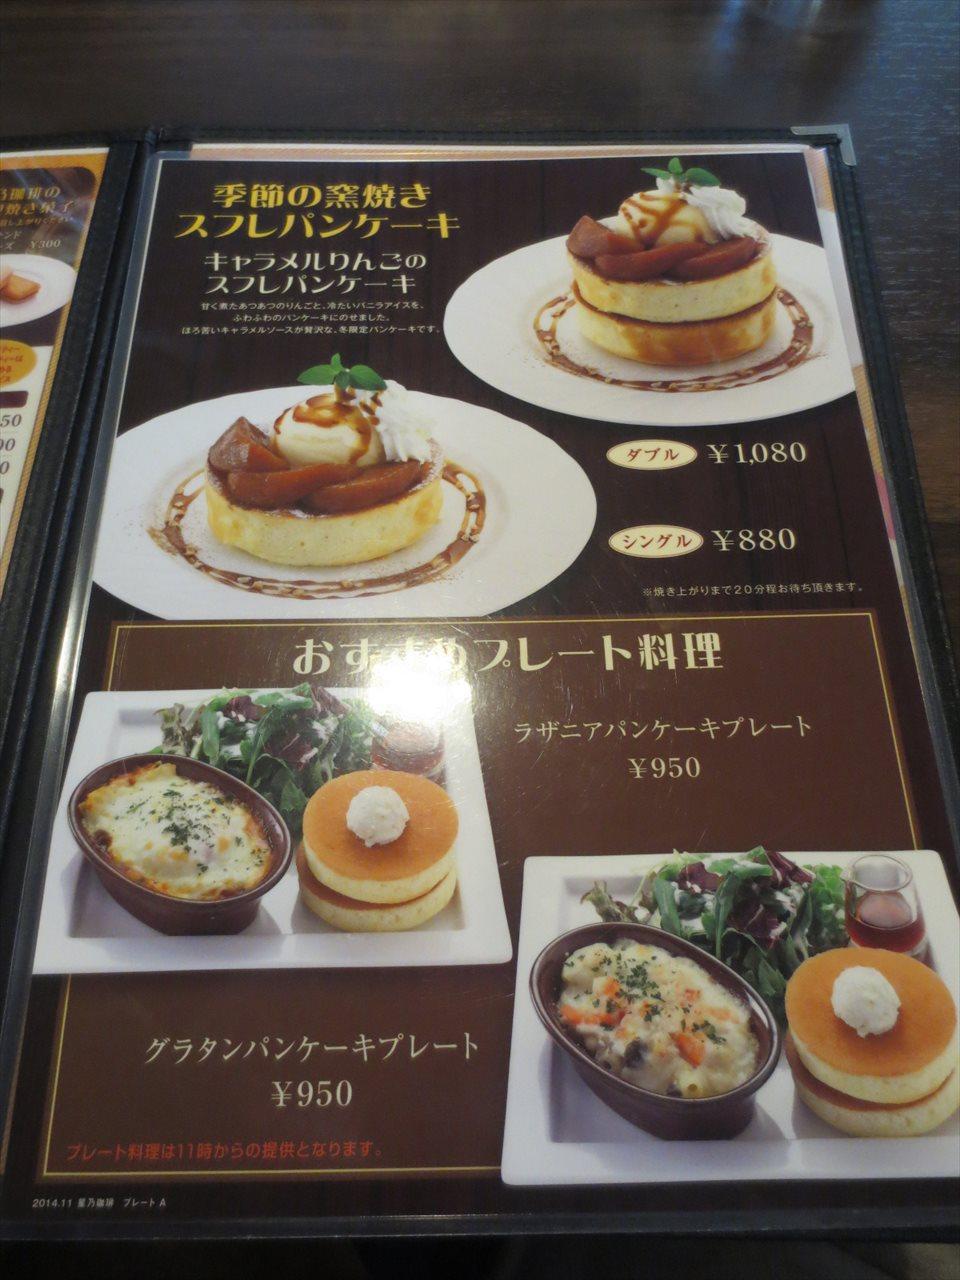 星乃珈琲店松戸きよしケ丘店 メニュー